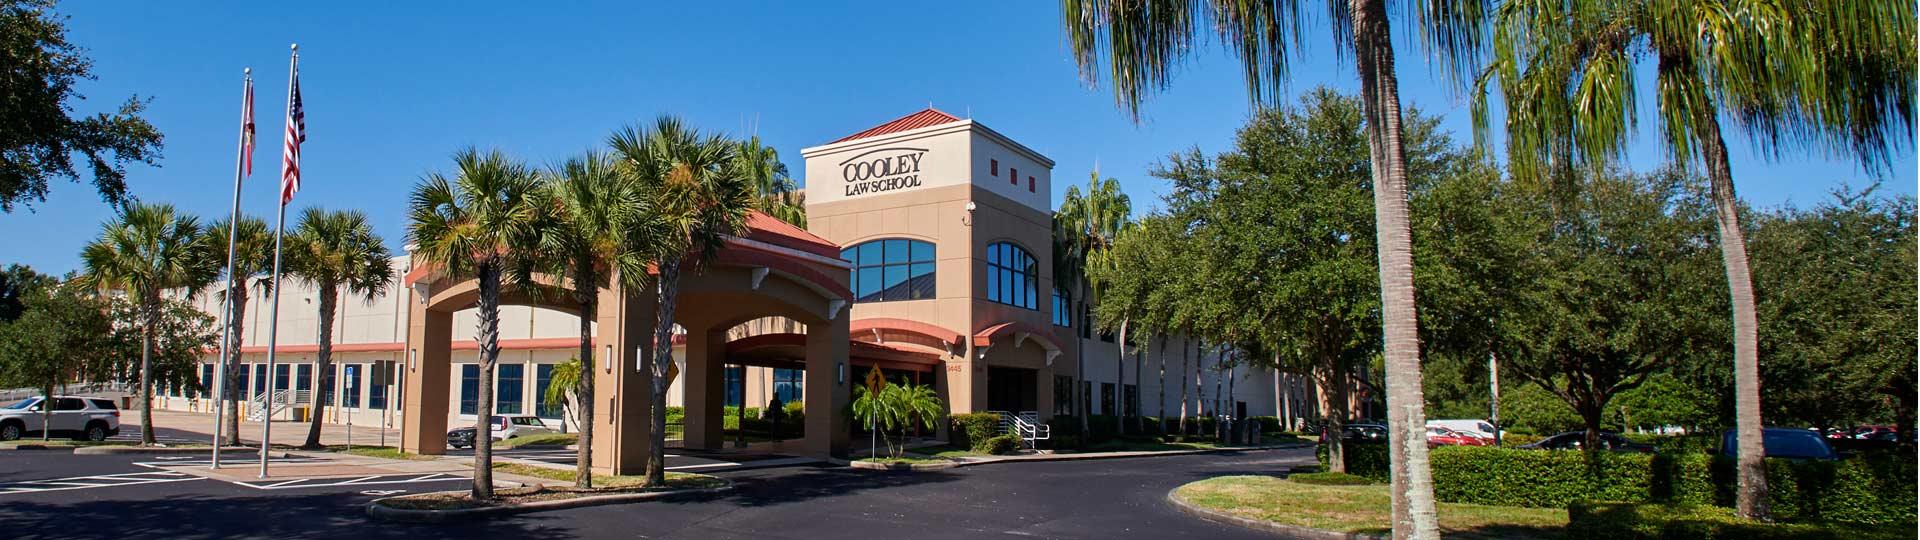 WMU-Cooley Law School Tampa Bay Campus | WMU Cooley Law School